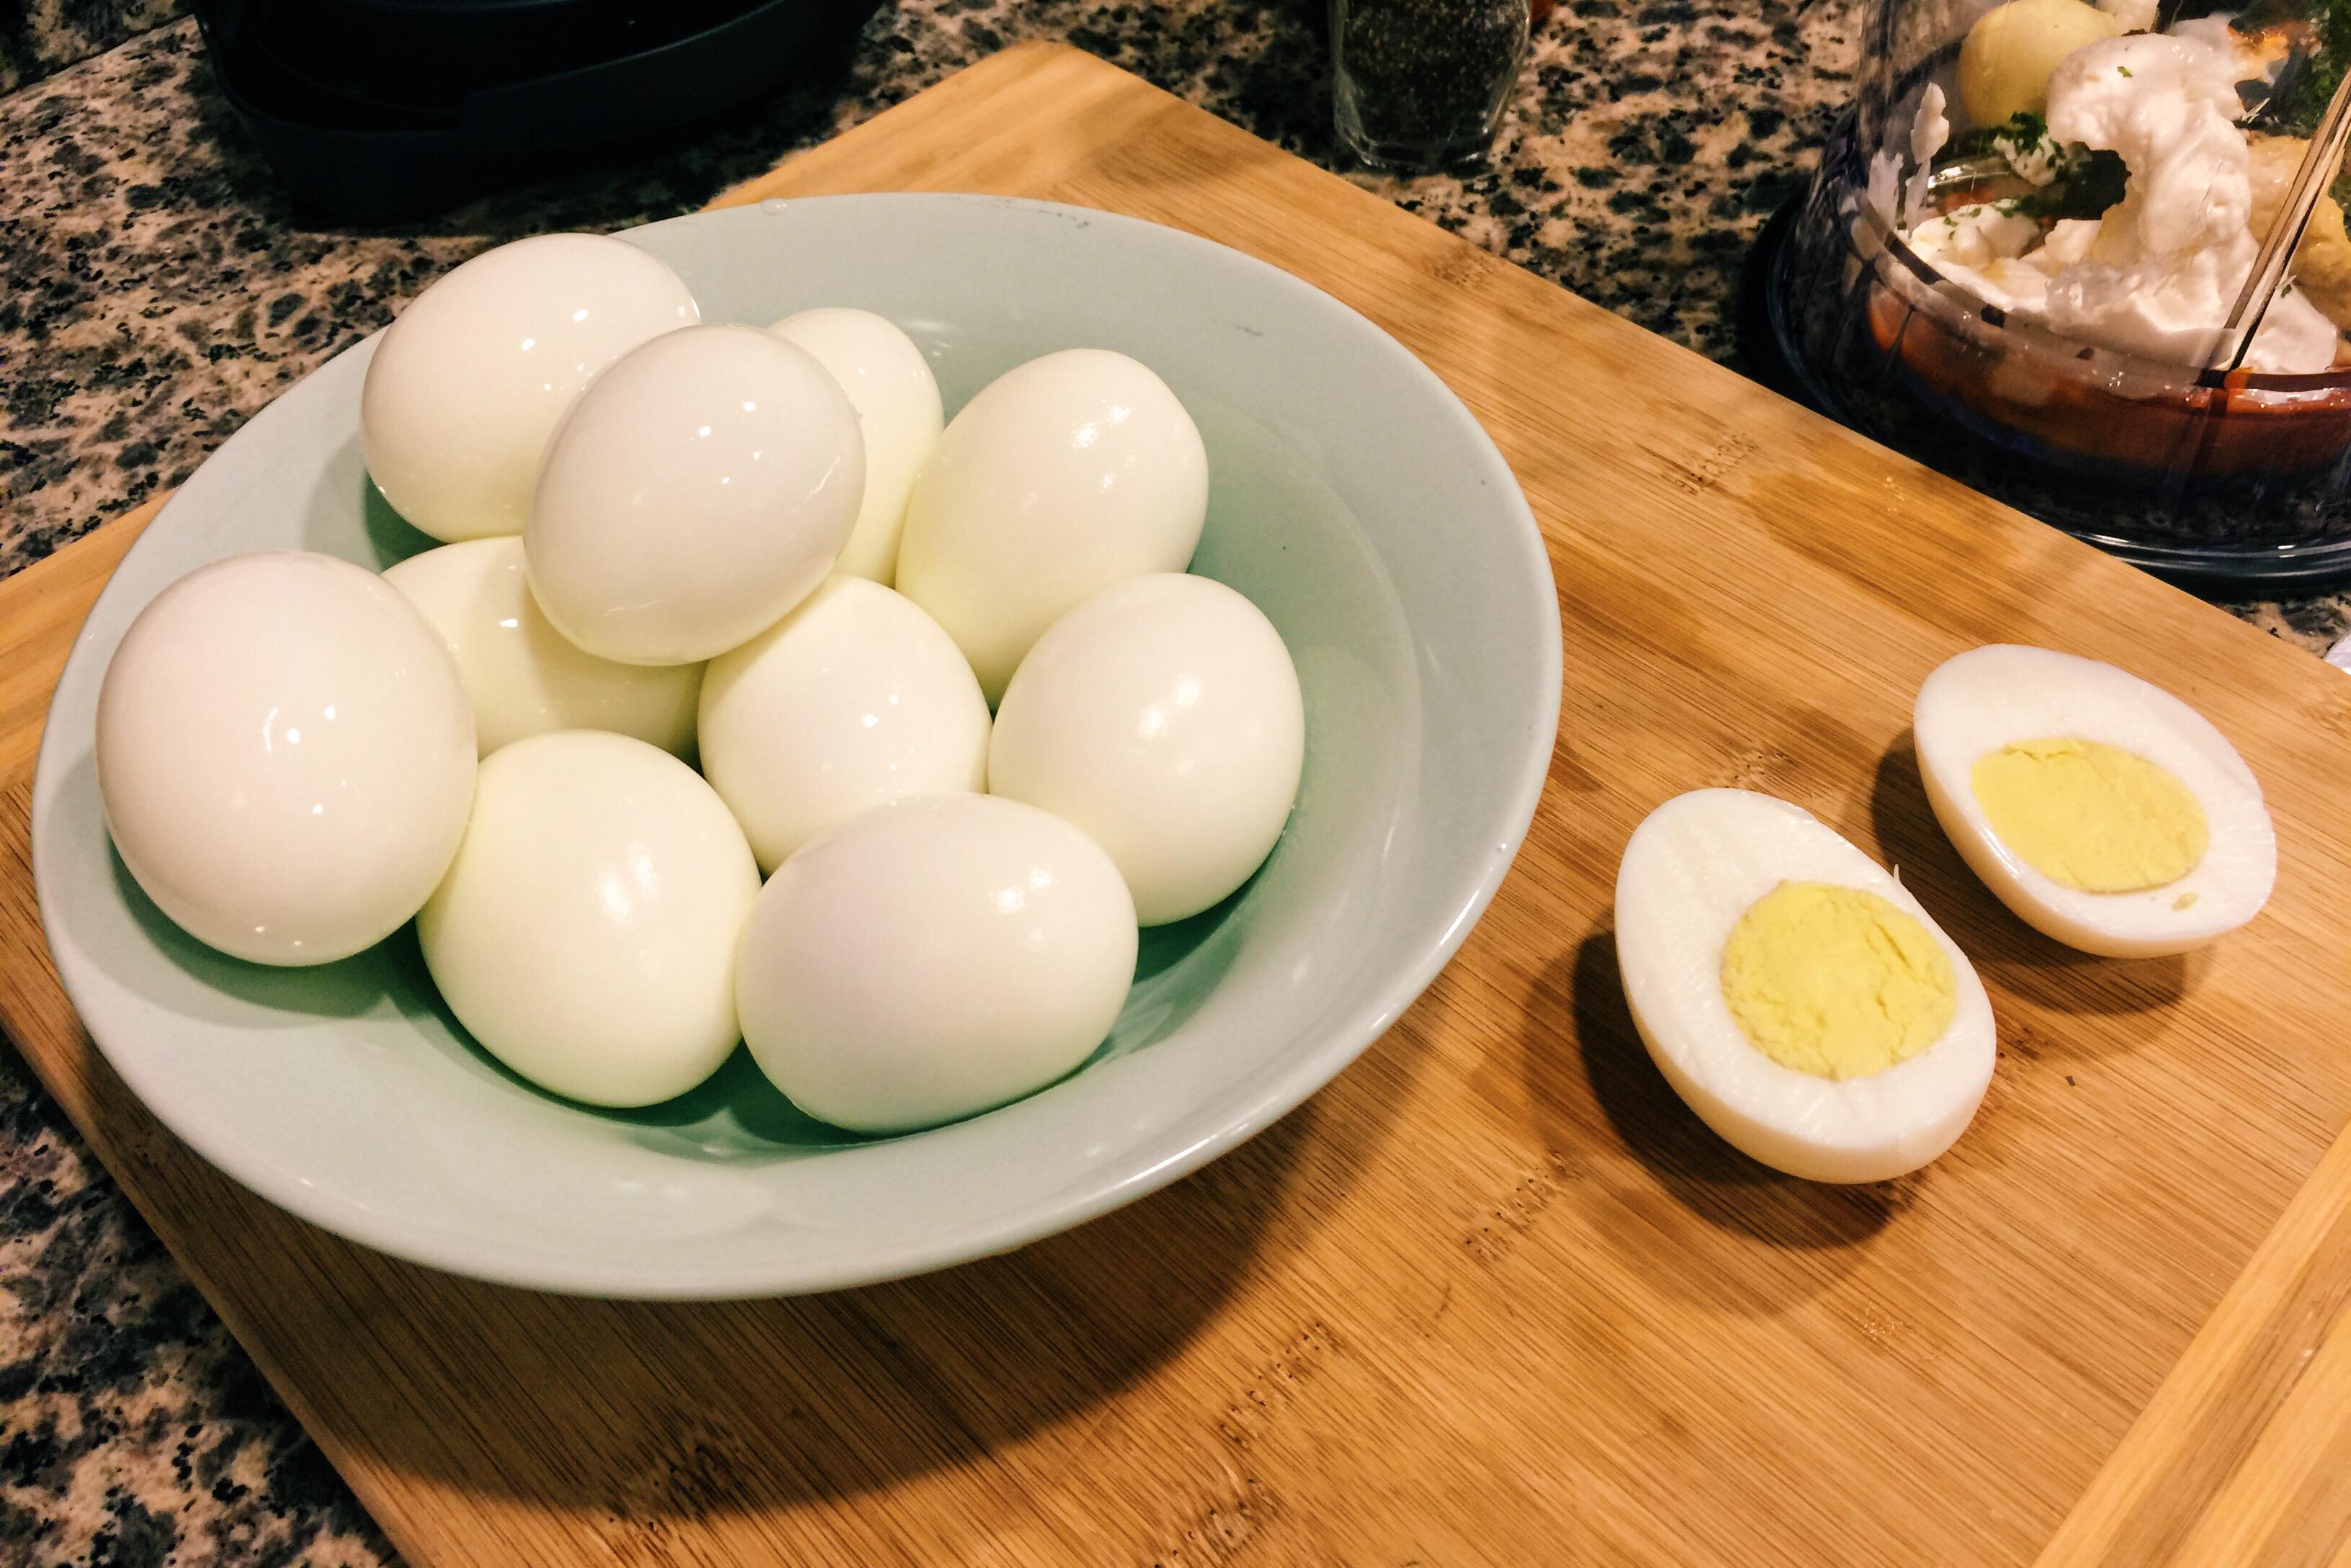 Cooled Eggs